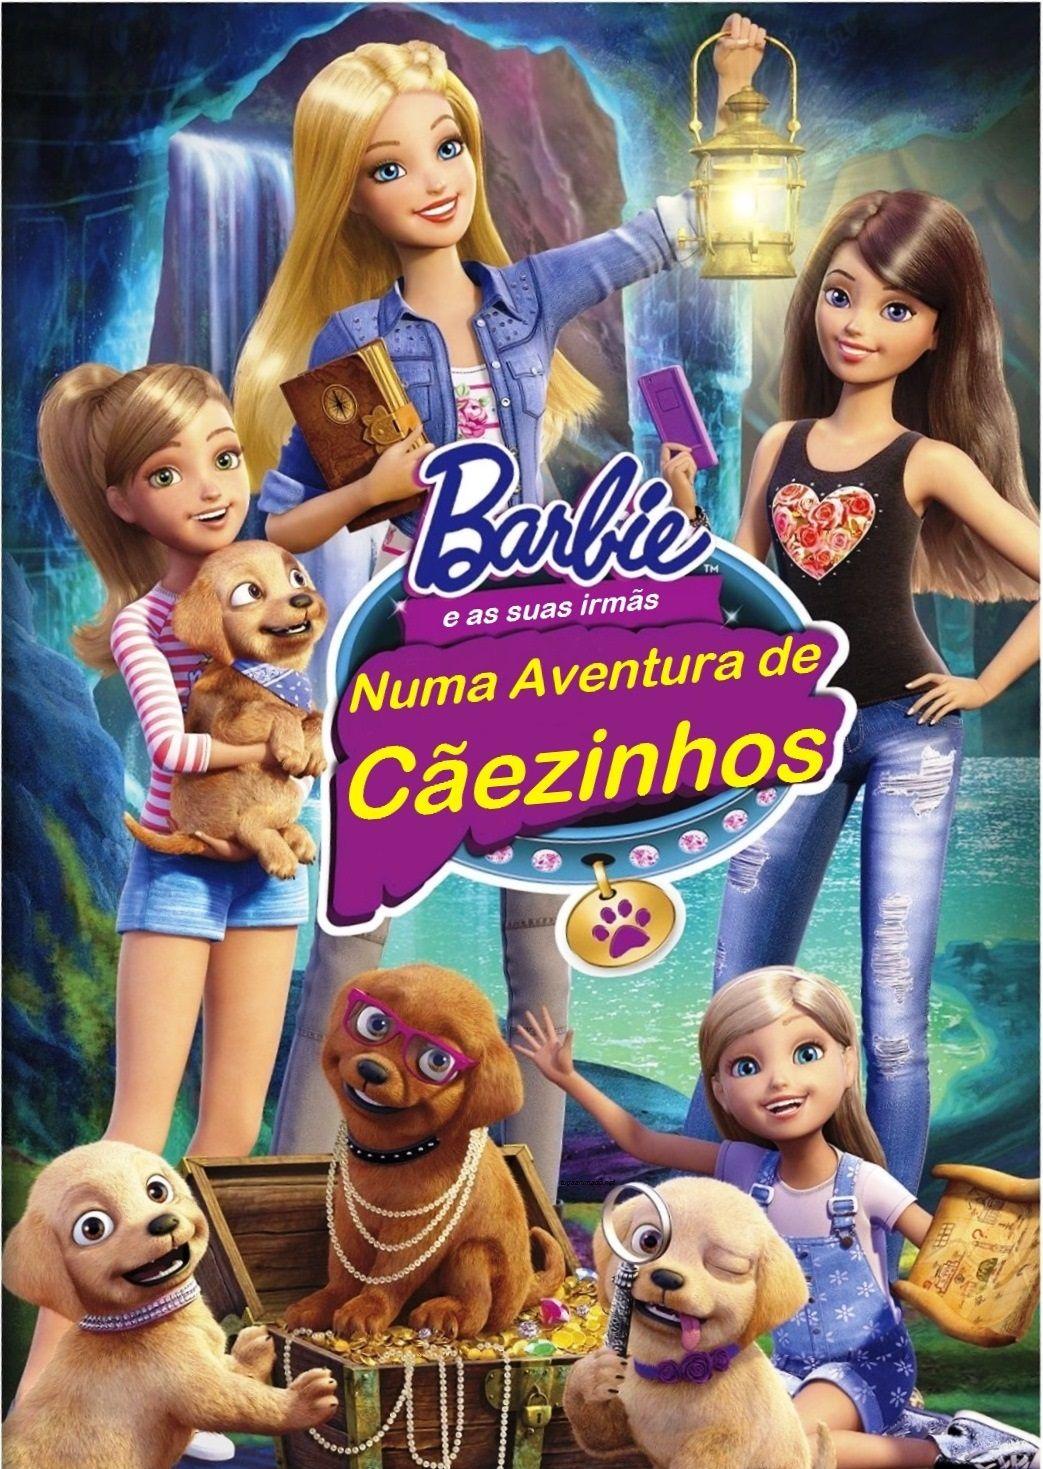 Barbie E As Suas Irmas Numa Aventura De Caezinhos Barbie E Suas